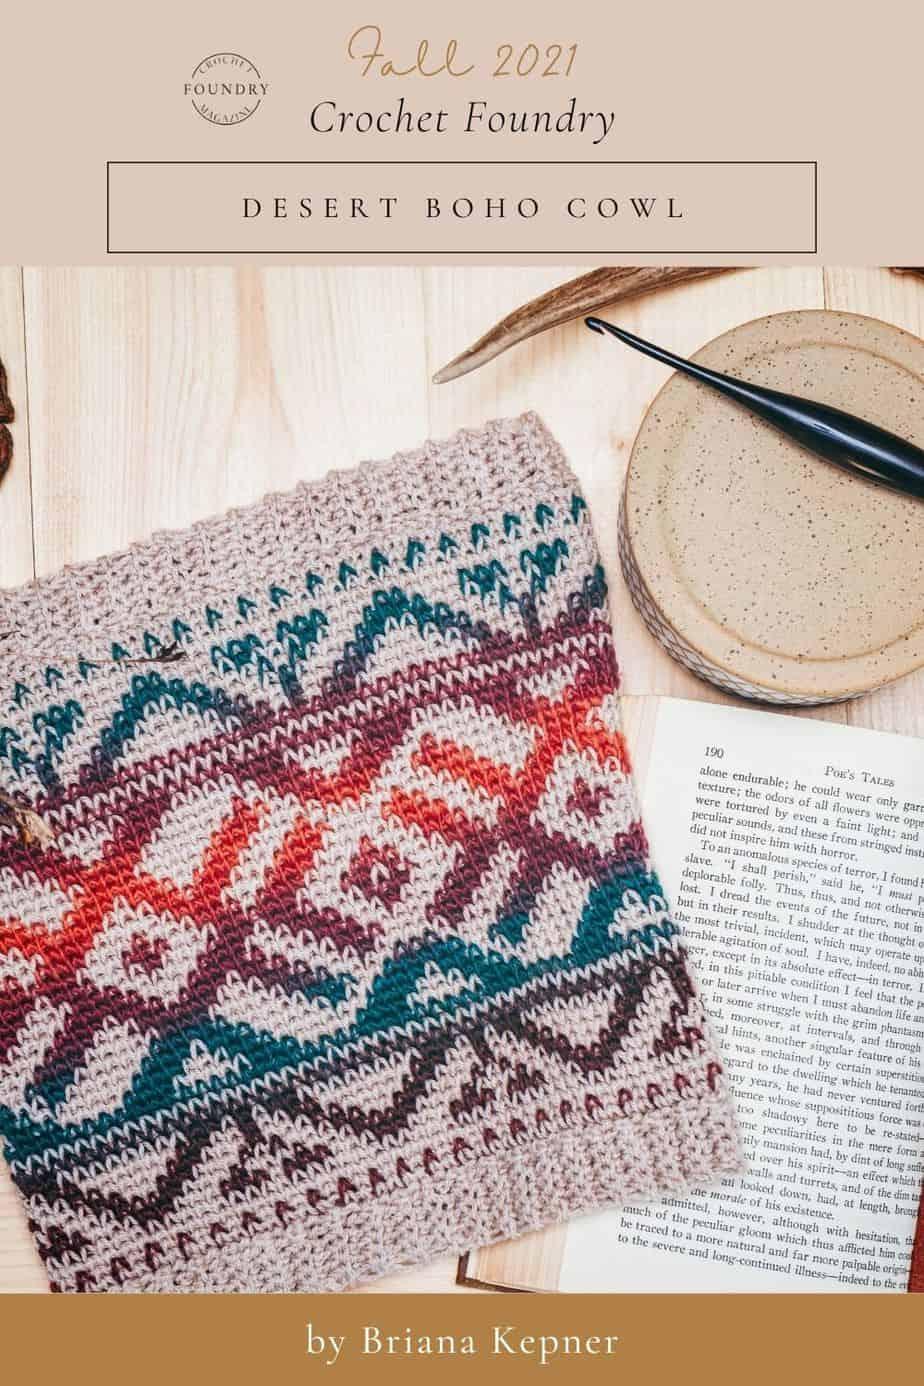 Desert Boho Cowl by Briana Kepner for Crochet Foundry magazine Fall 2021